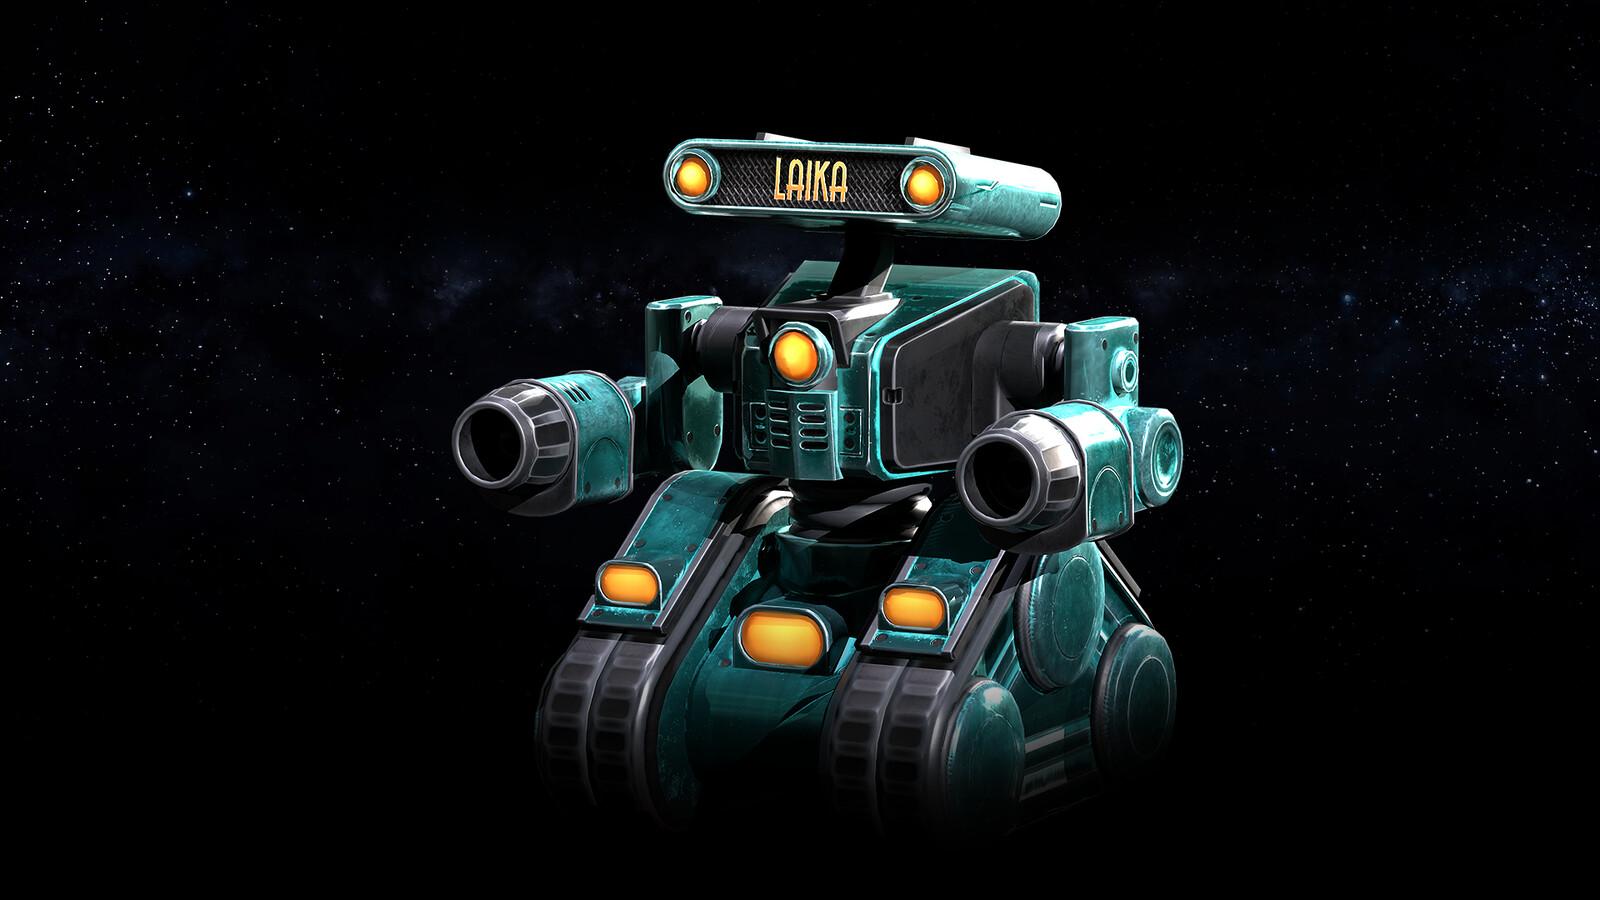 Laika Mining Robot